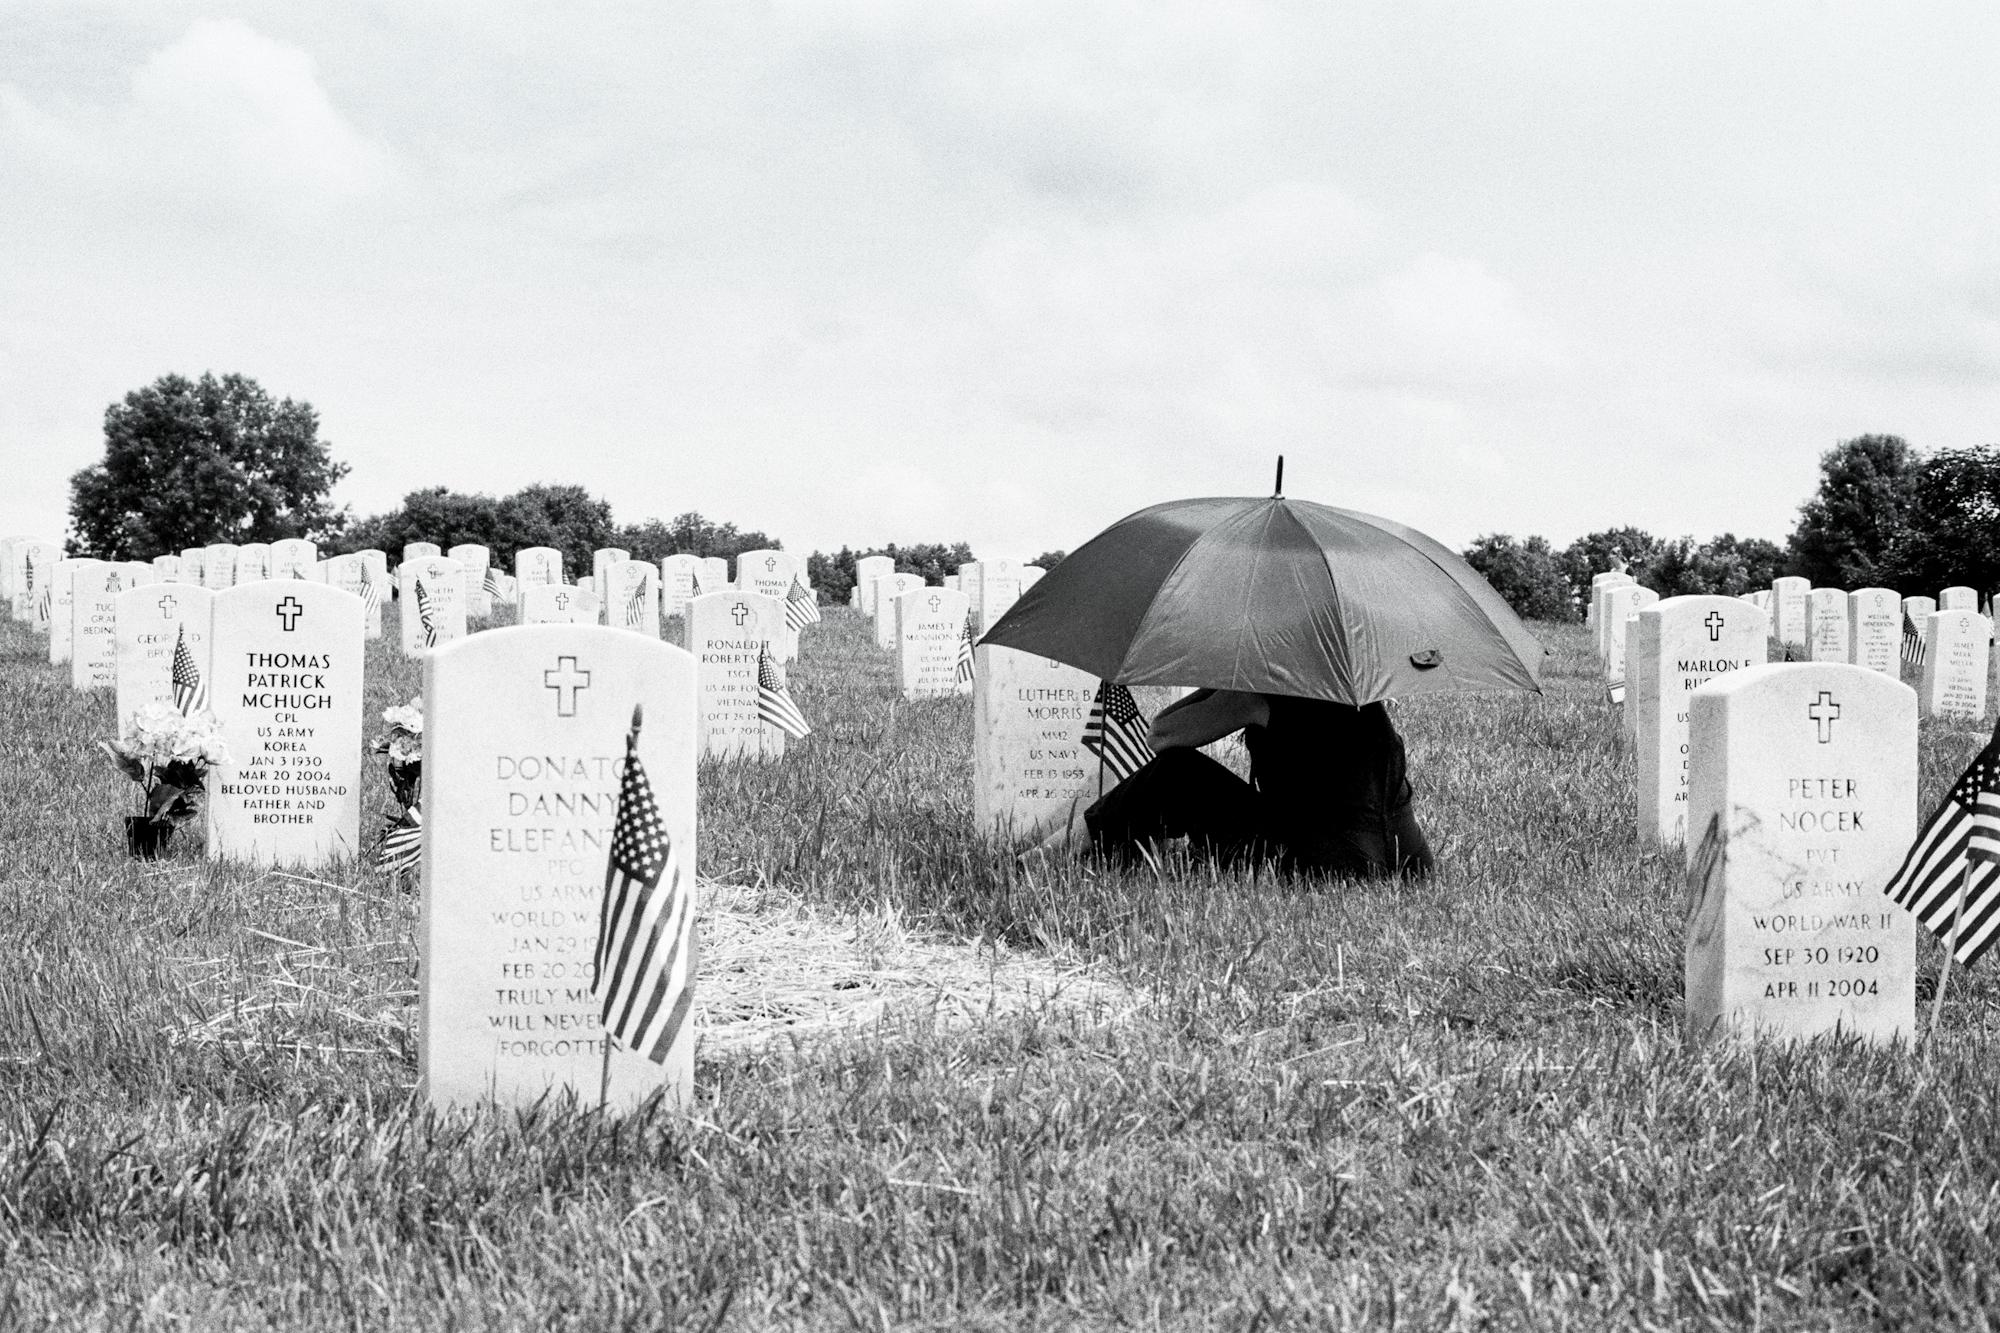 Remembering in Black & White